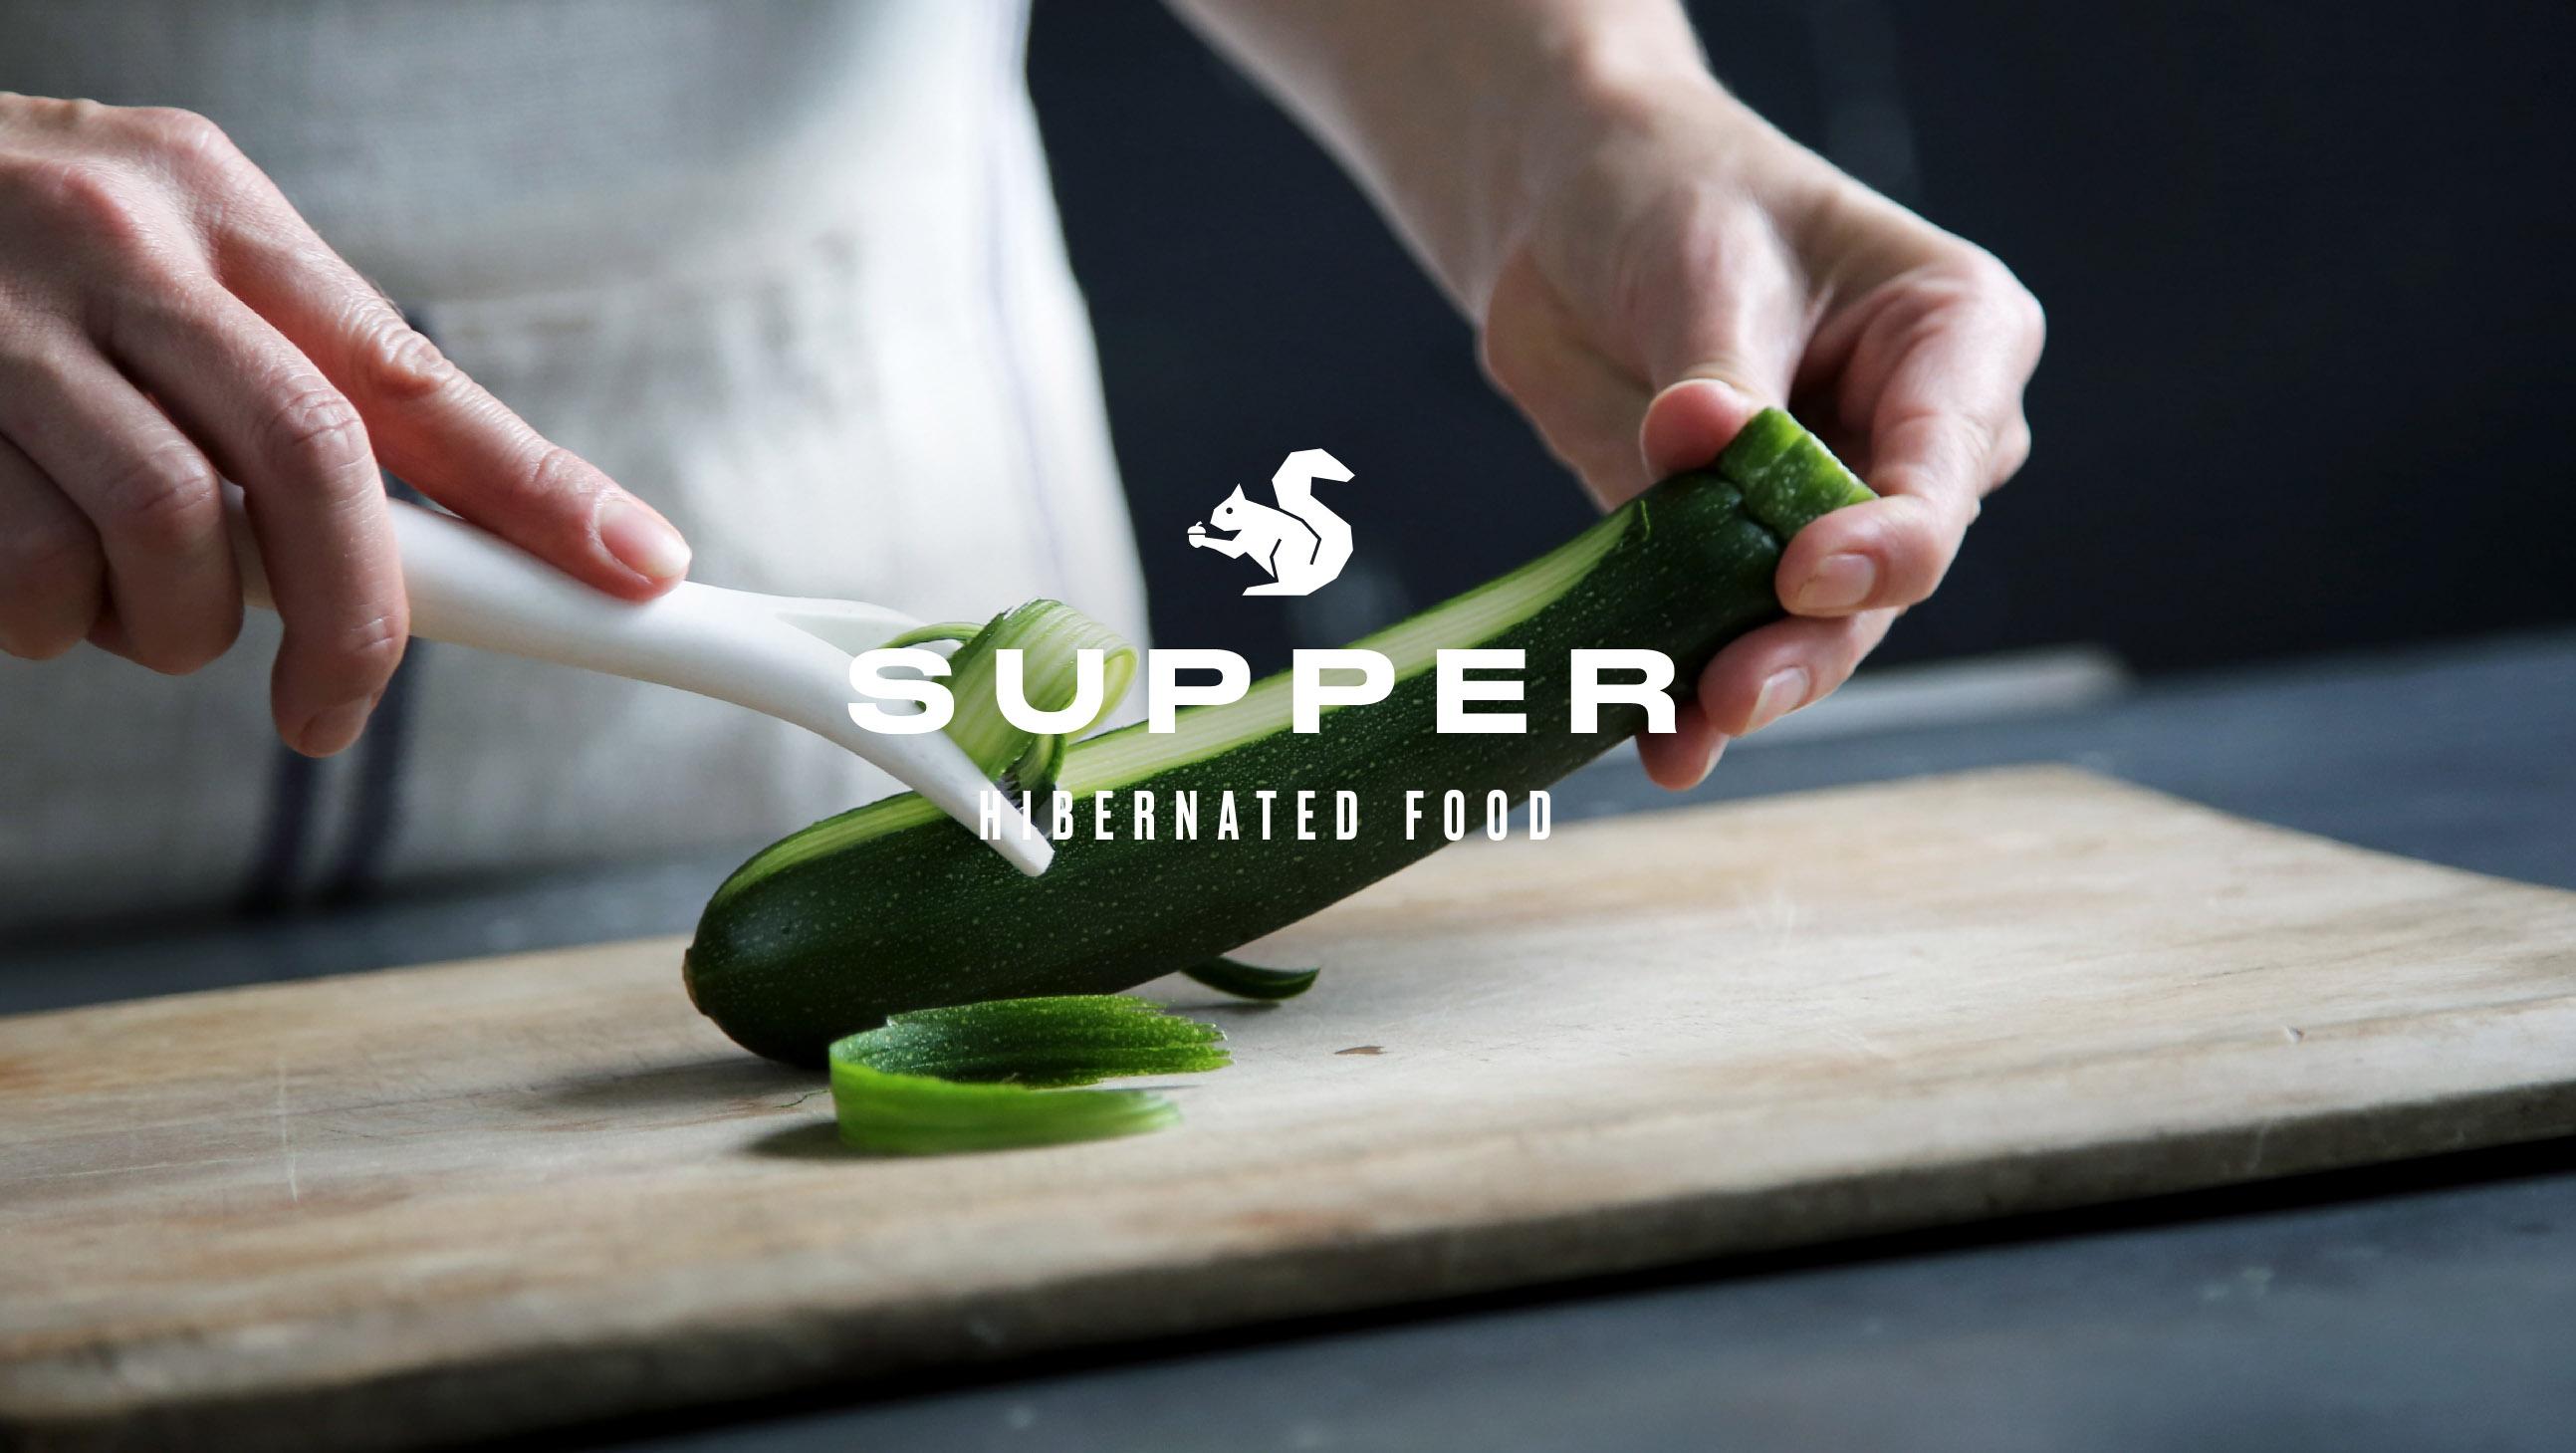 Jo Hawkes Design Creates Supper Brand Identity